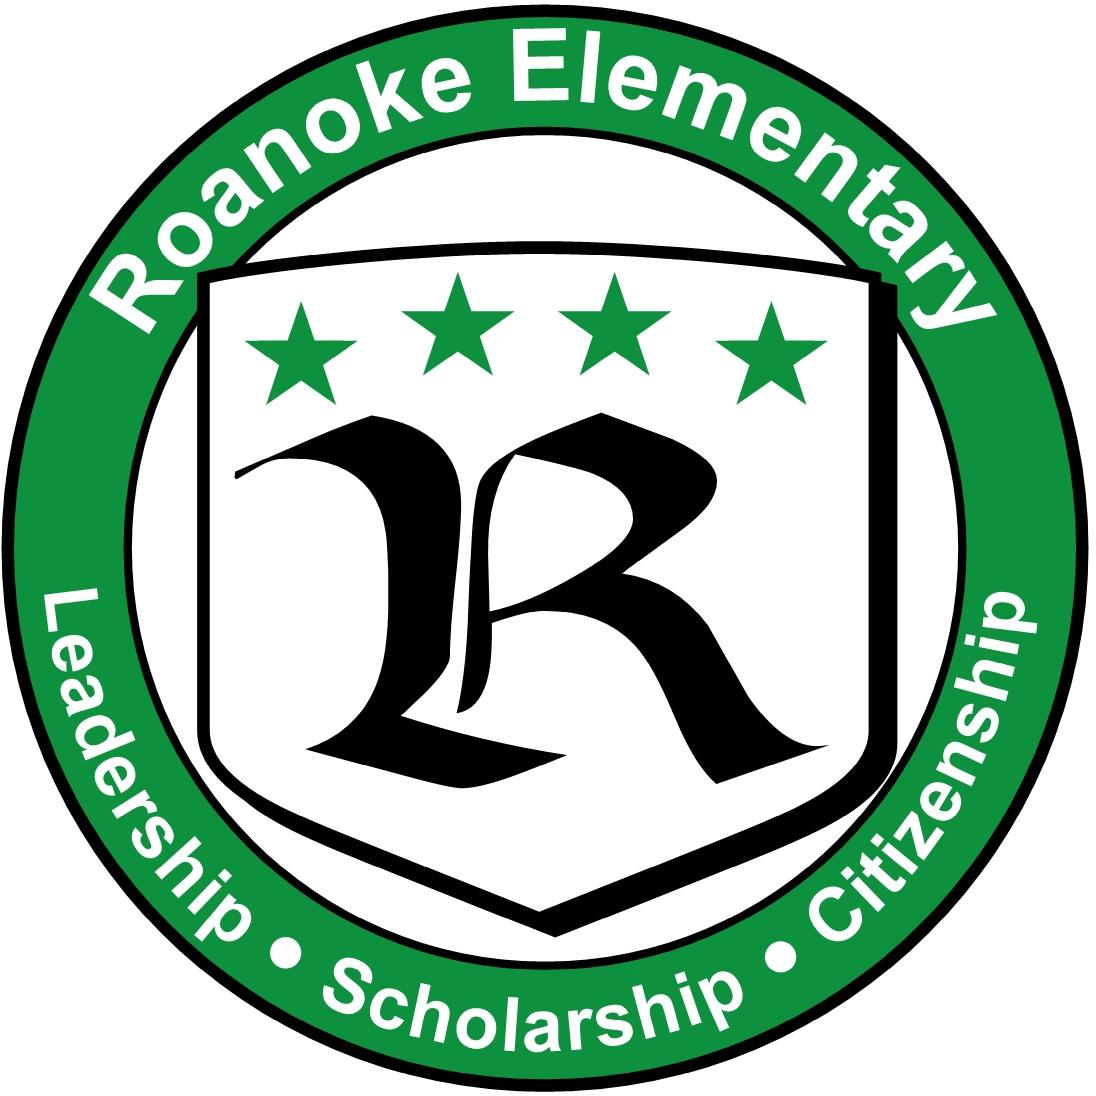 Roanoke Elementary School